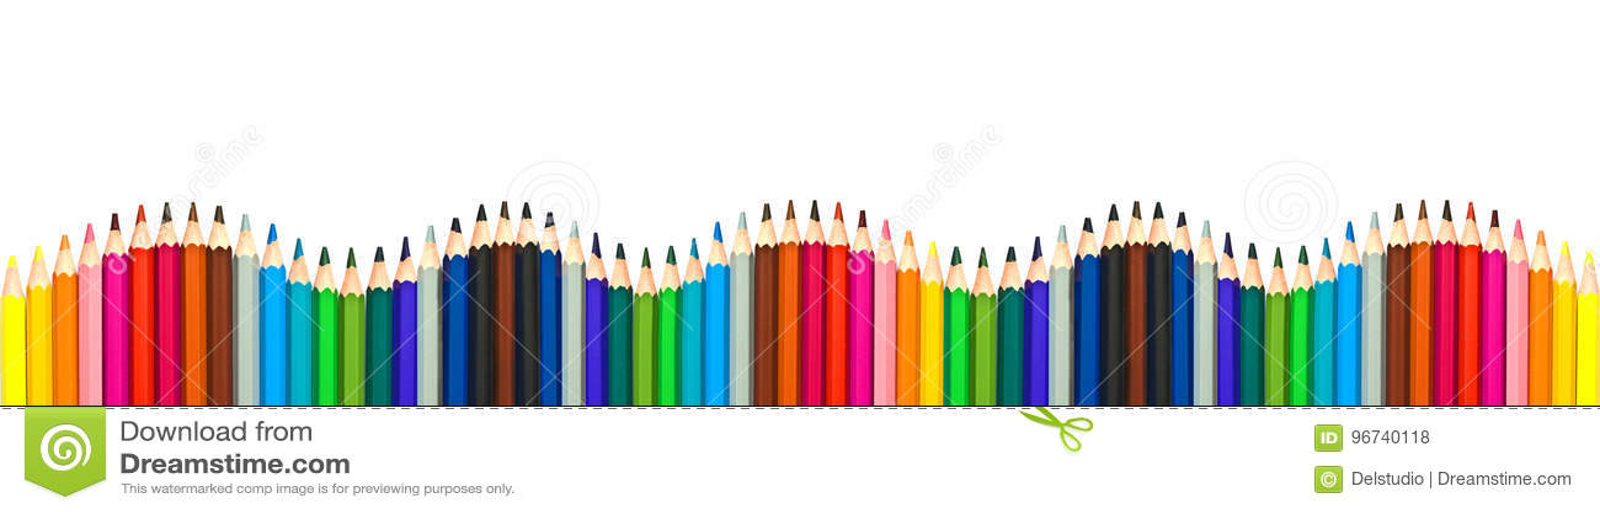 Волна красочных деревянных карандашей изолированных на белой, панорамной предпосылке, назад к концепции школы